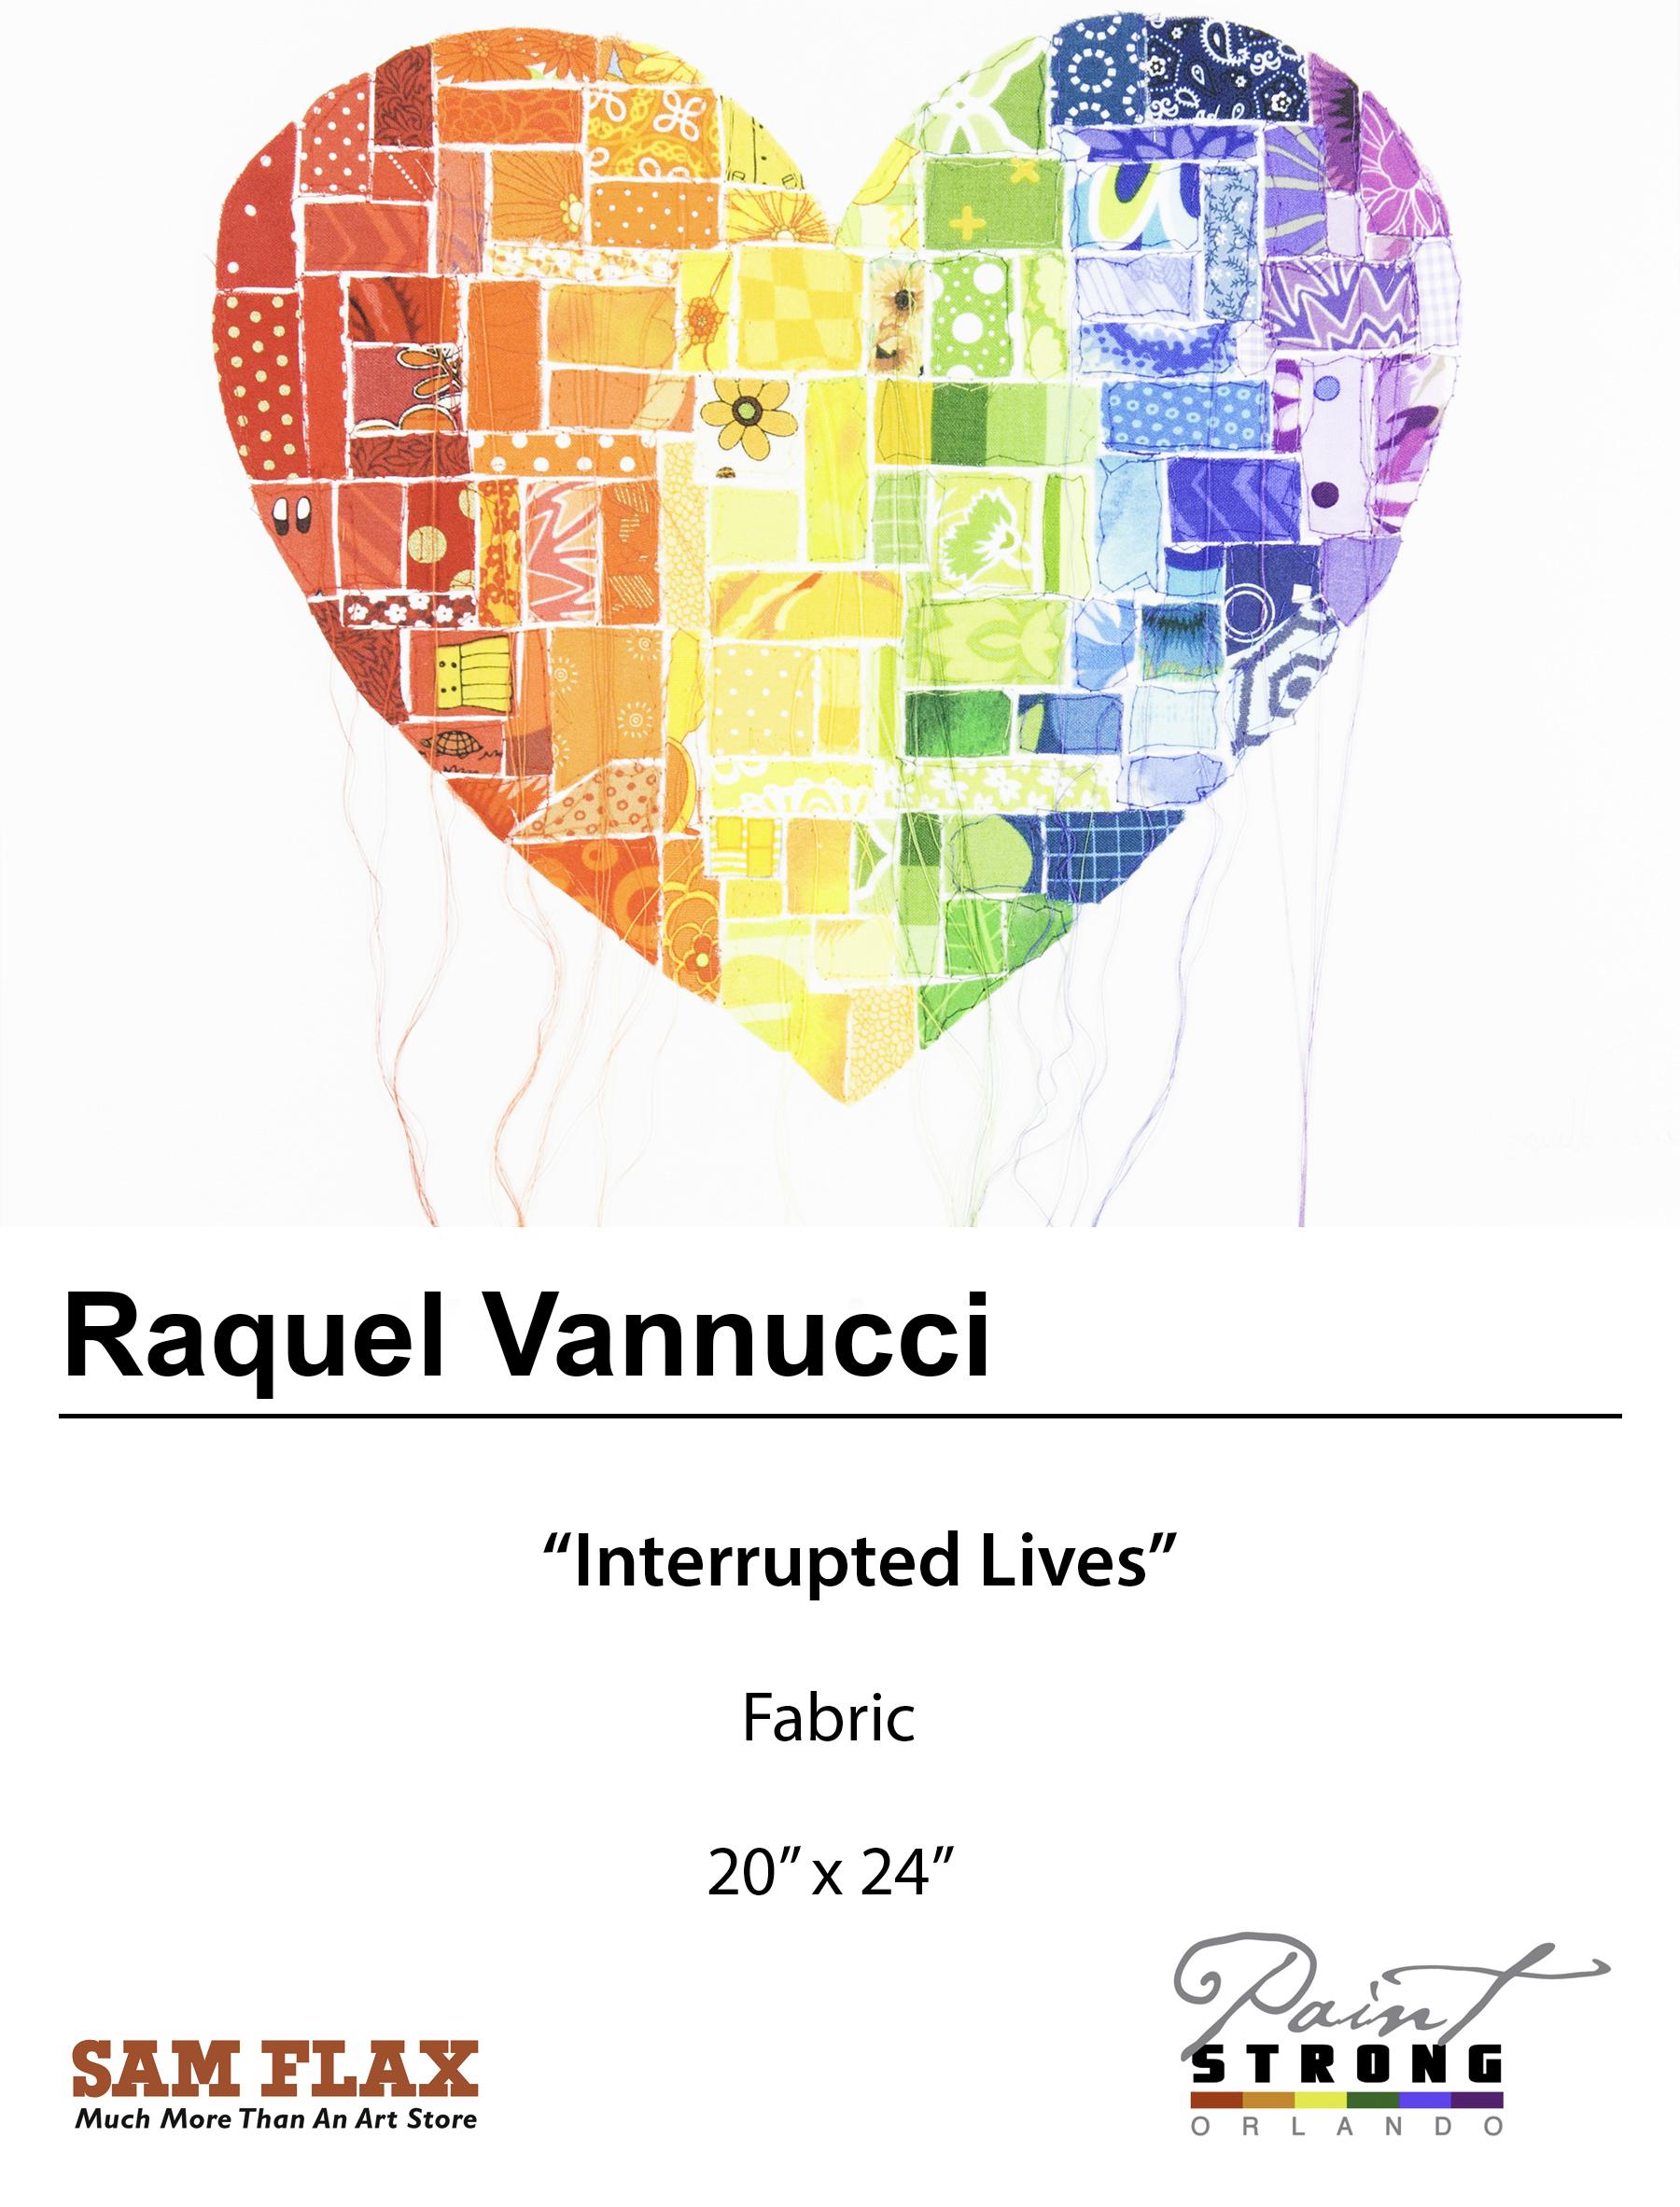 Raquel Vannucci